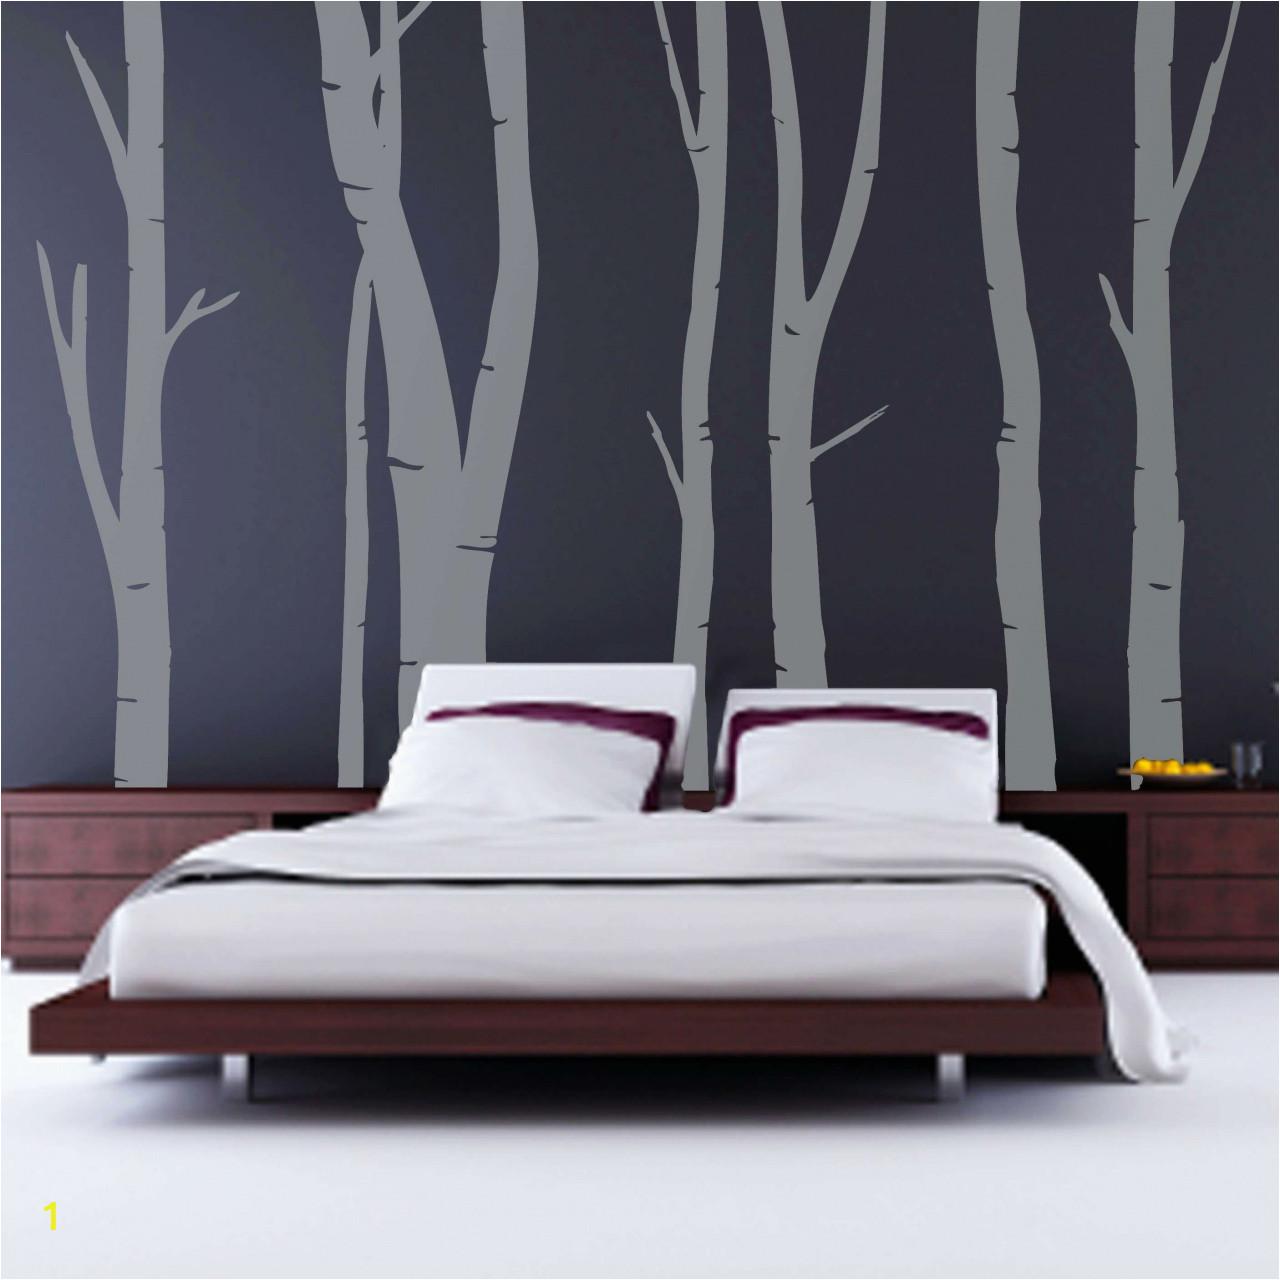 Mural Paintings for Bedroom Walls Bedroom Art Wall Decals for Bedroom Unique 1 Kirkland Wall